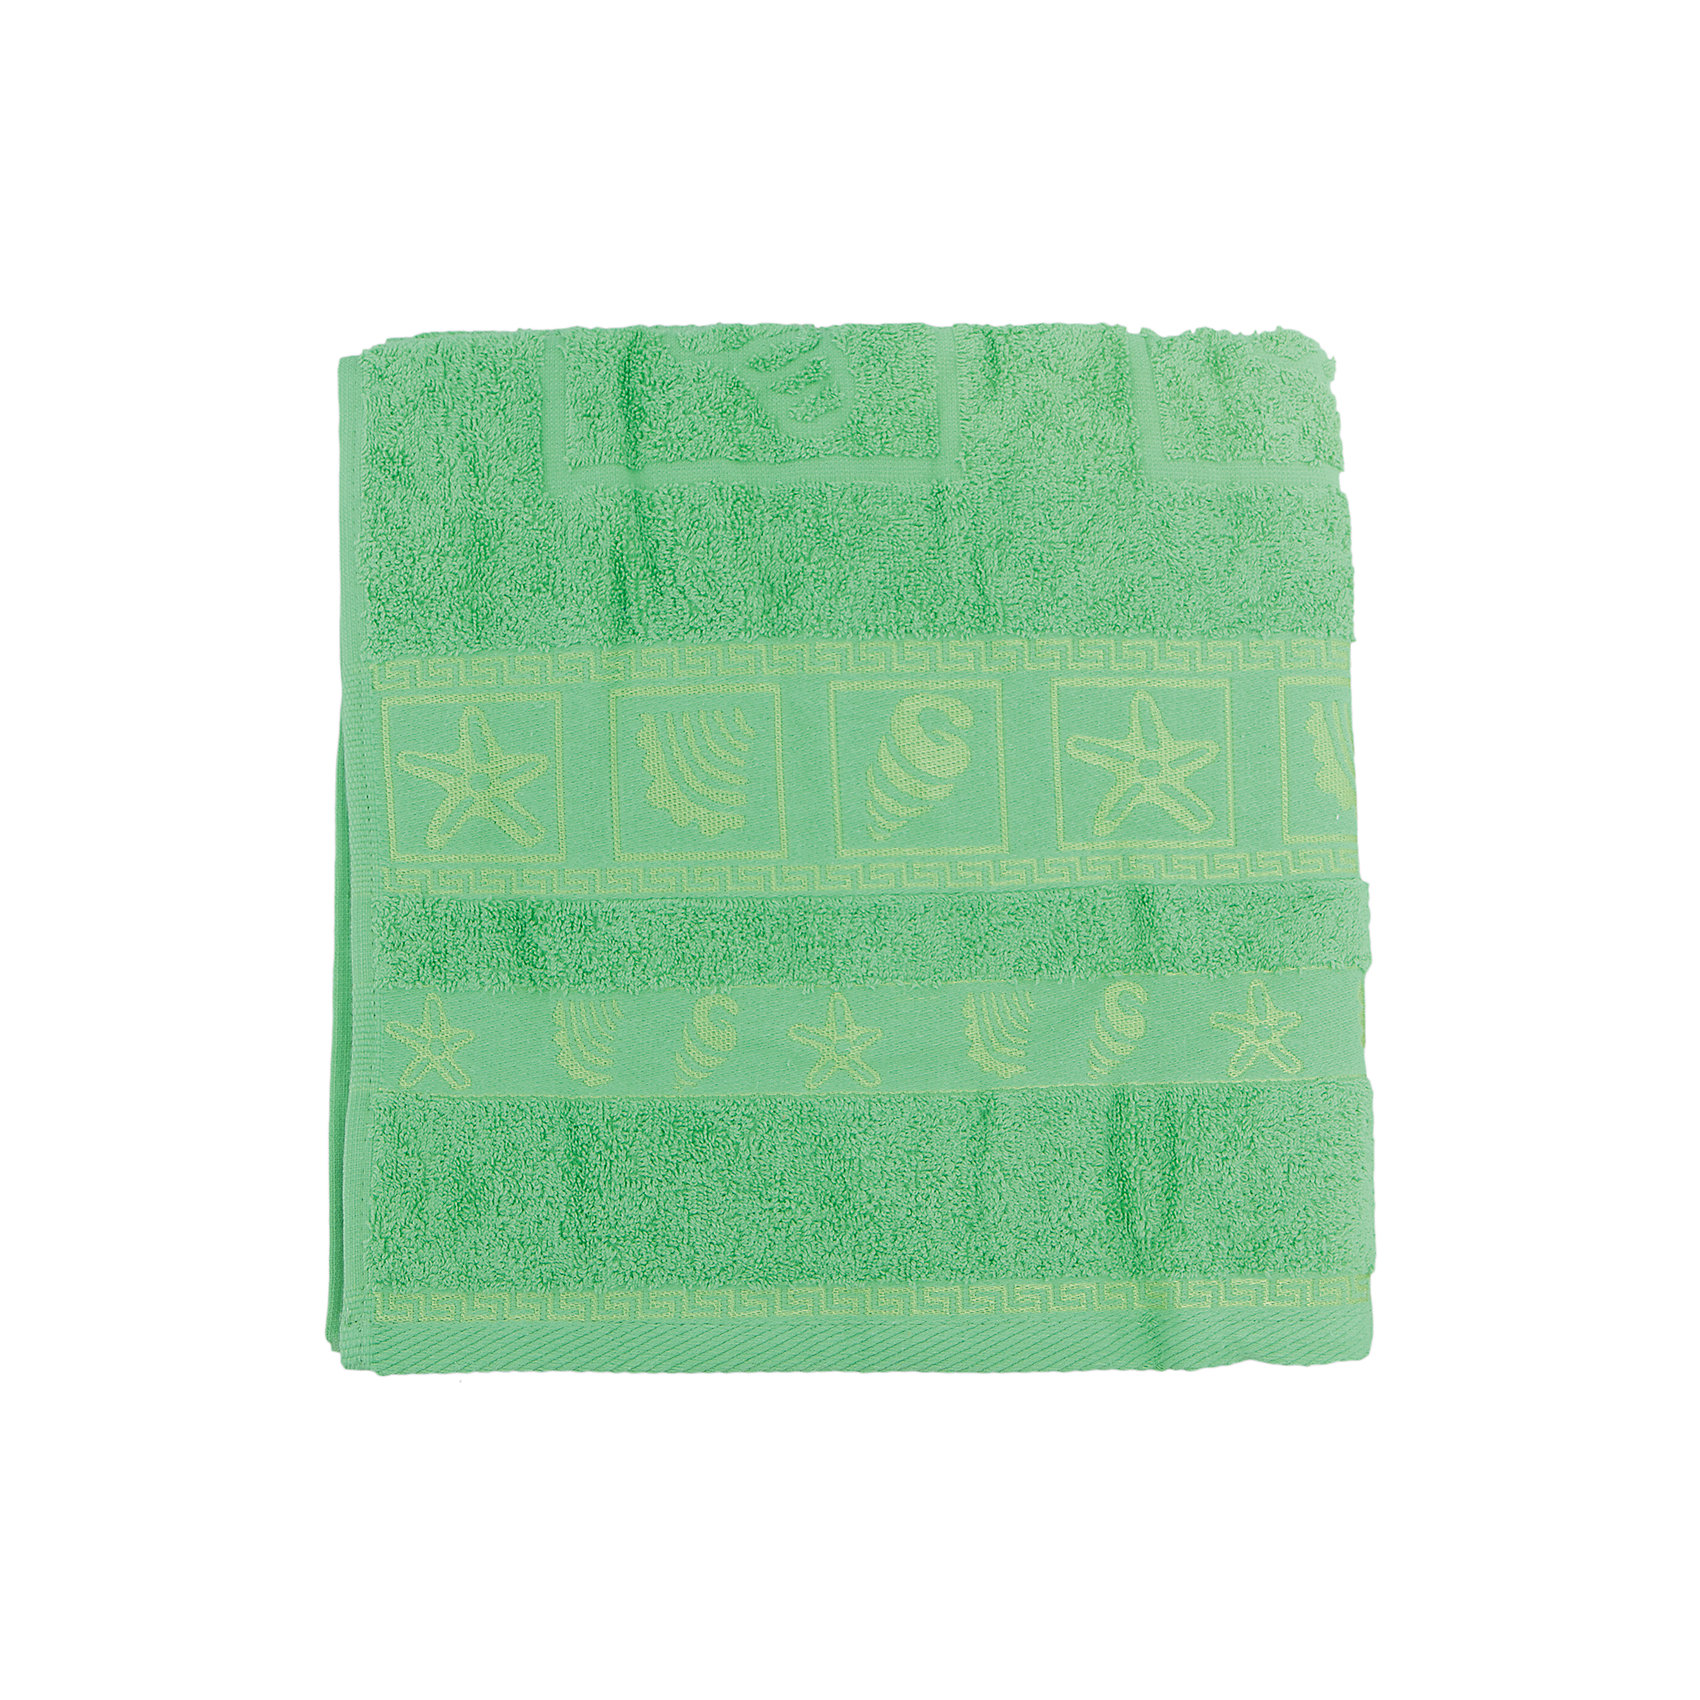 Полотенце махровое Shell 70*140, Португалия, салатовыйДомашний текстиль<br>Махровое полотенце Shell идеально подходит для вашей ванной комнаты. Оно хорошо впитывает влагу и обладает высокой прочностью. Полотенце выполнено из качественного хлопка с применением стойких безопасных красителей. Край полотенца украшен вышивкой на морскую тематику.<br><br>Дополнительная информация:<br>Размер: 70х140 см<br>Материал: 100% хлопок<br>Плотность: 500 г/м2<br>Цвет: салатовый<br>Торговая марка: Португалия<br><br>Махровое полотенце Shell вы можете купить а нашем интернет-магазине.<br><br>Ширина мм: 500<br>Глубина мм: 500<br>Высота мм: 200<br>Вес г: 400<br>Возраст от месяцев: 0<br>Возраст до месяцев: 144<br>Пол: Унисекс<br>Возраст: Детский<br>SKU: 5010983